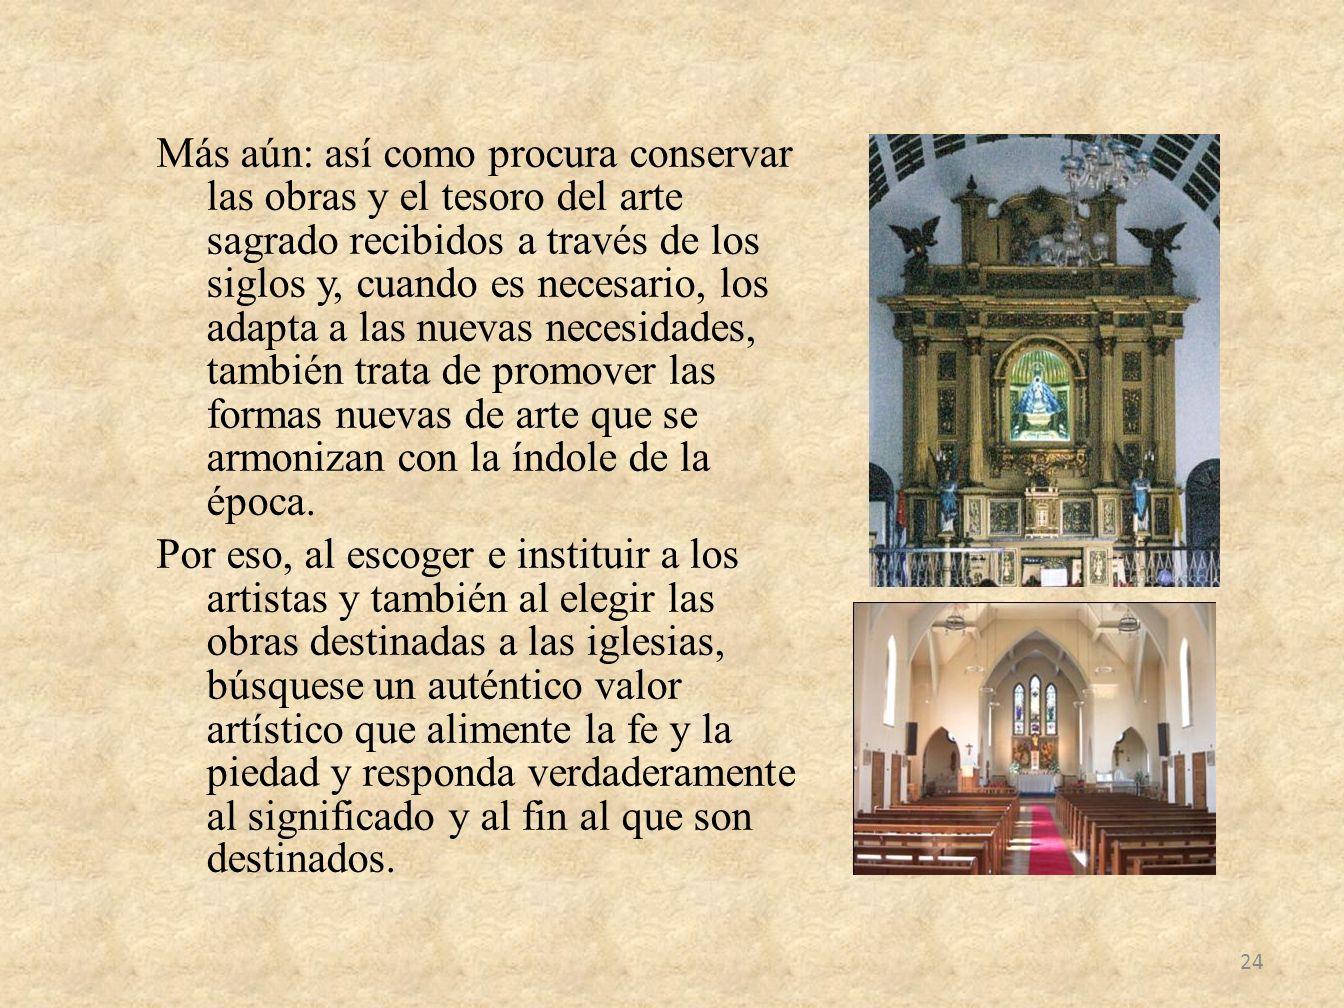 Más aún: así como procura conservar las obras y el tesoro del arte sagrado recibidos a través de los siglos y, cuando es necesario, los adapta a las nuevas necesidades, también trata de promover las formas nuevas de arte que se armonizan con la índole de la época.